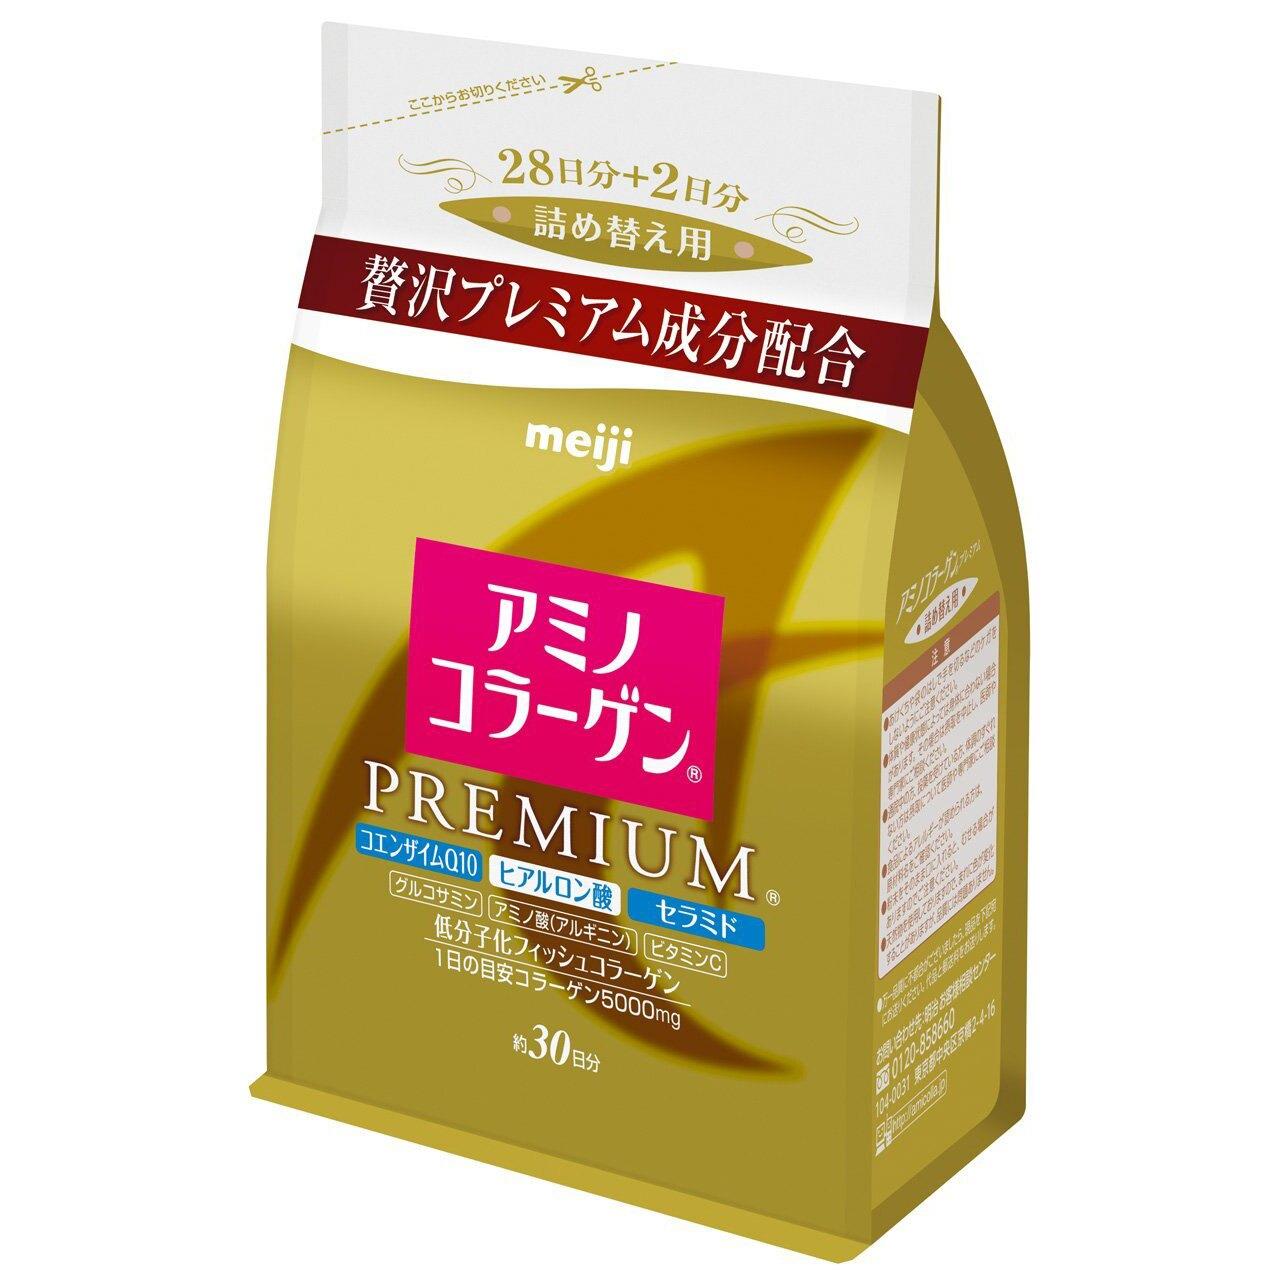 日本熱銷NO.1 日本平行輸入口碑熱銷不敗商品,添加Q10及玻尿酸2020/09